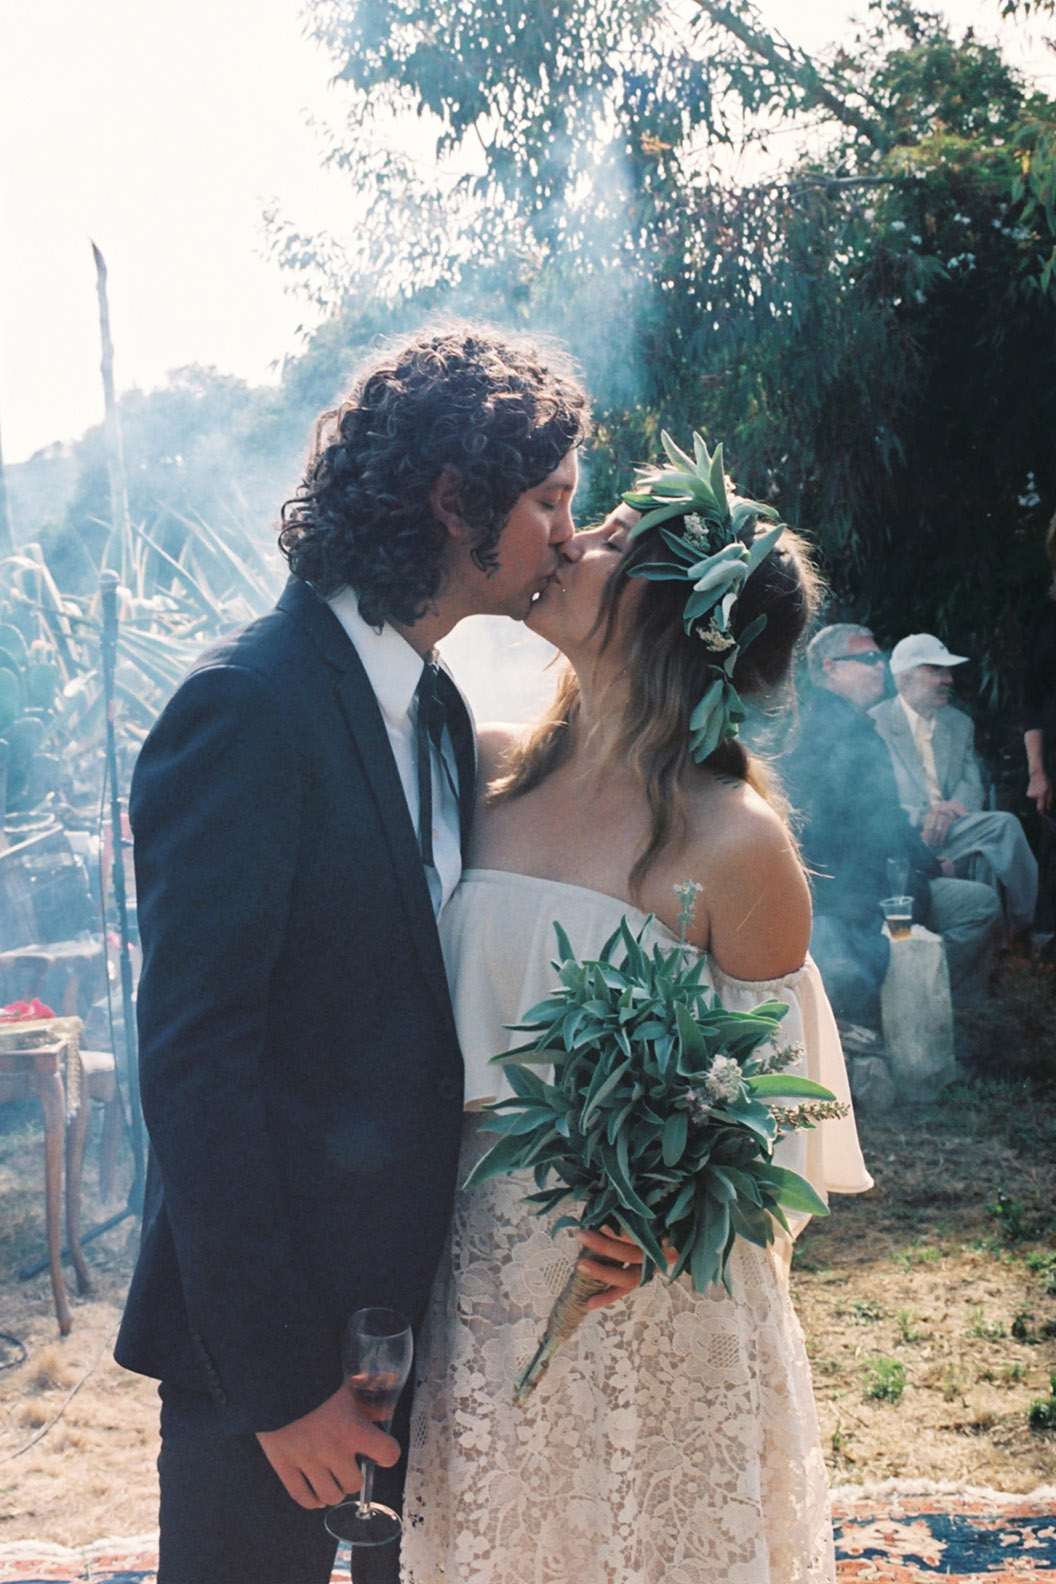 Miller kissing Renee.jpg